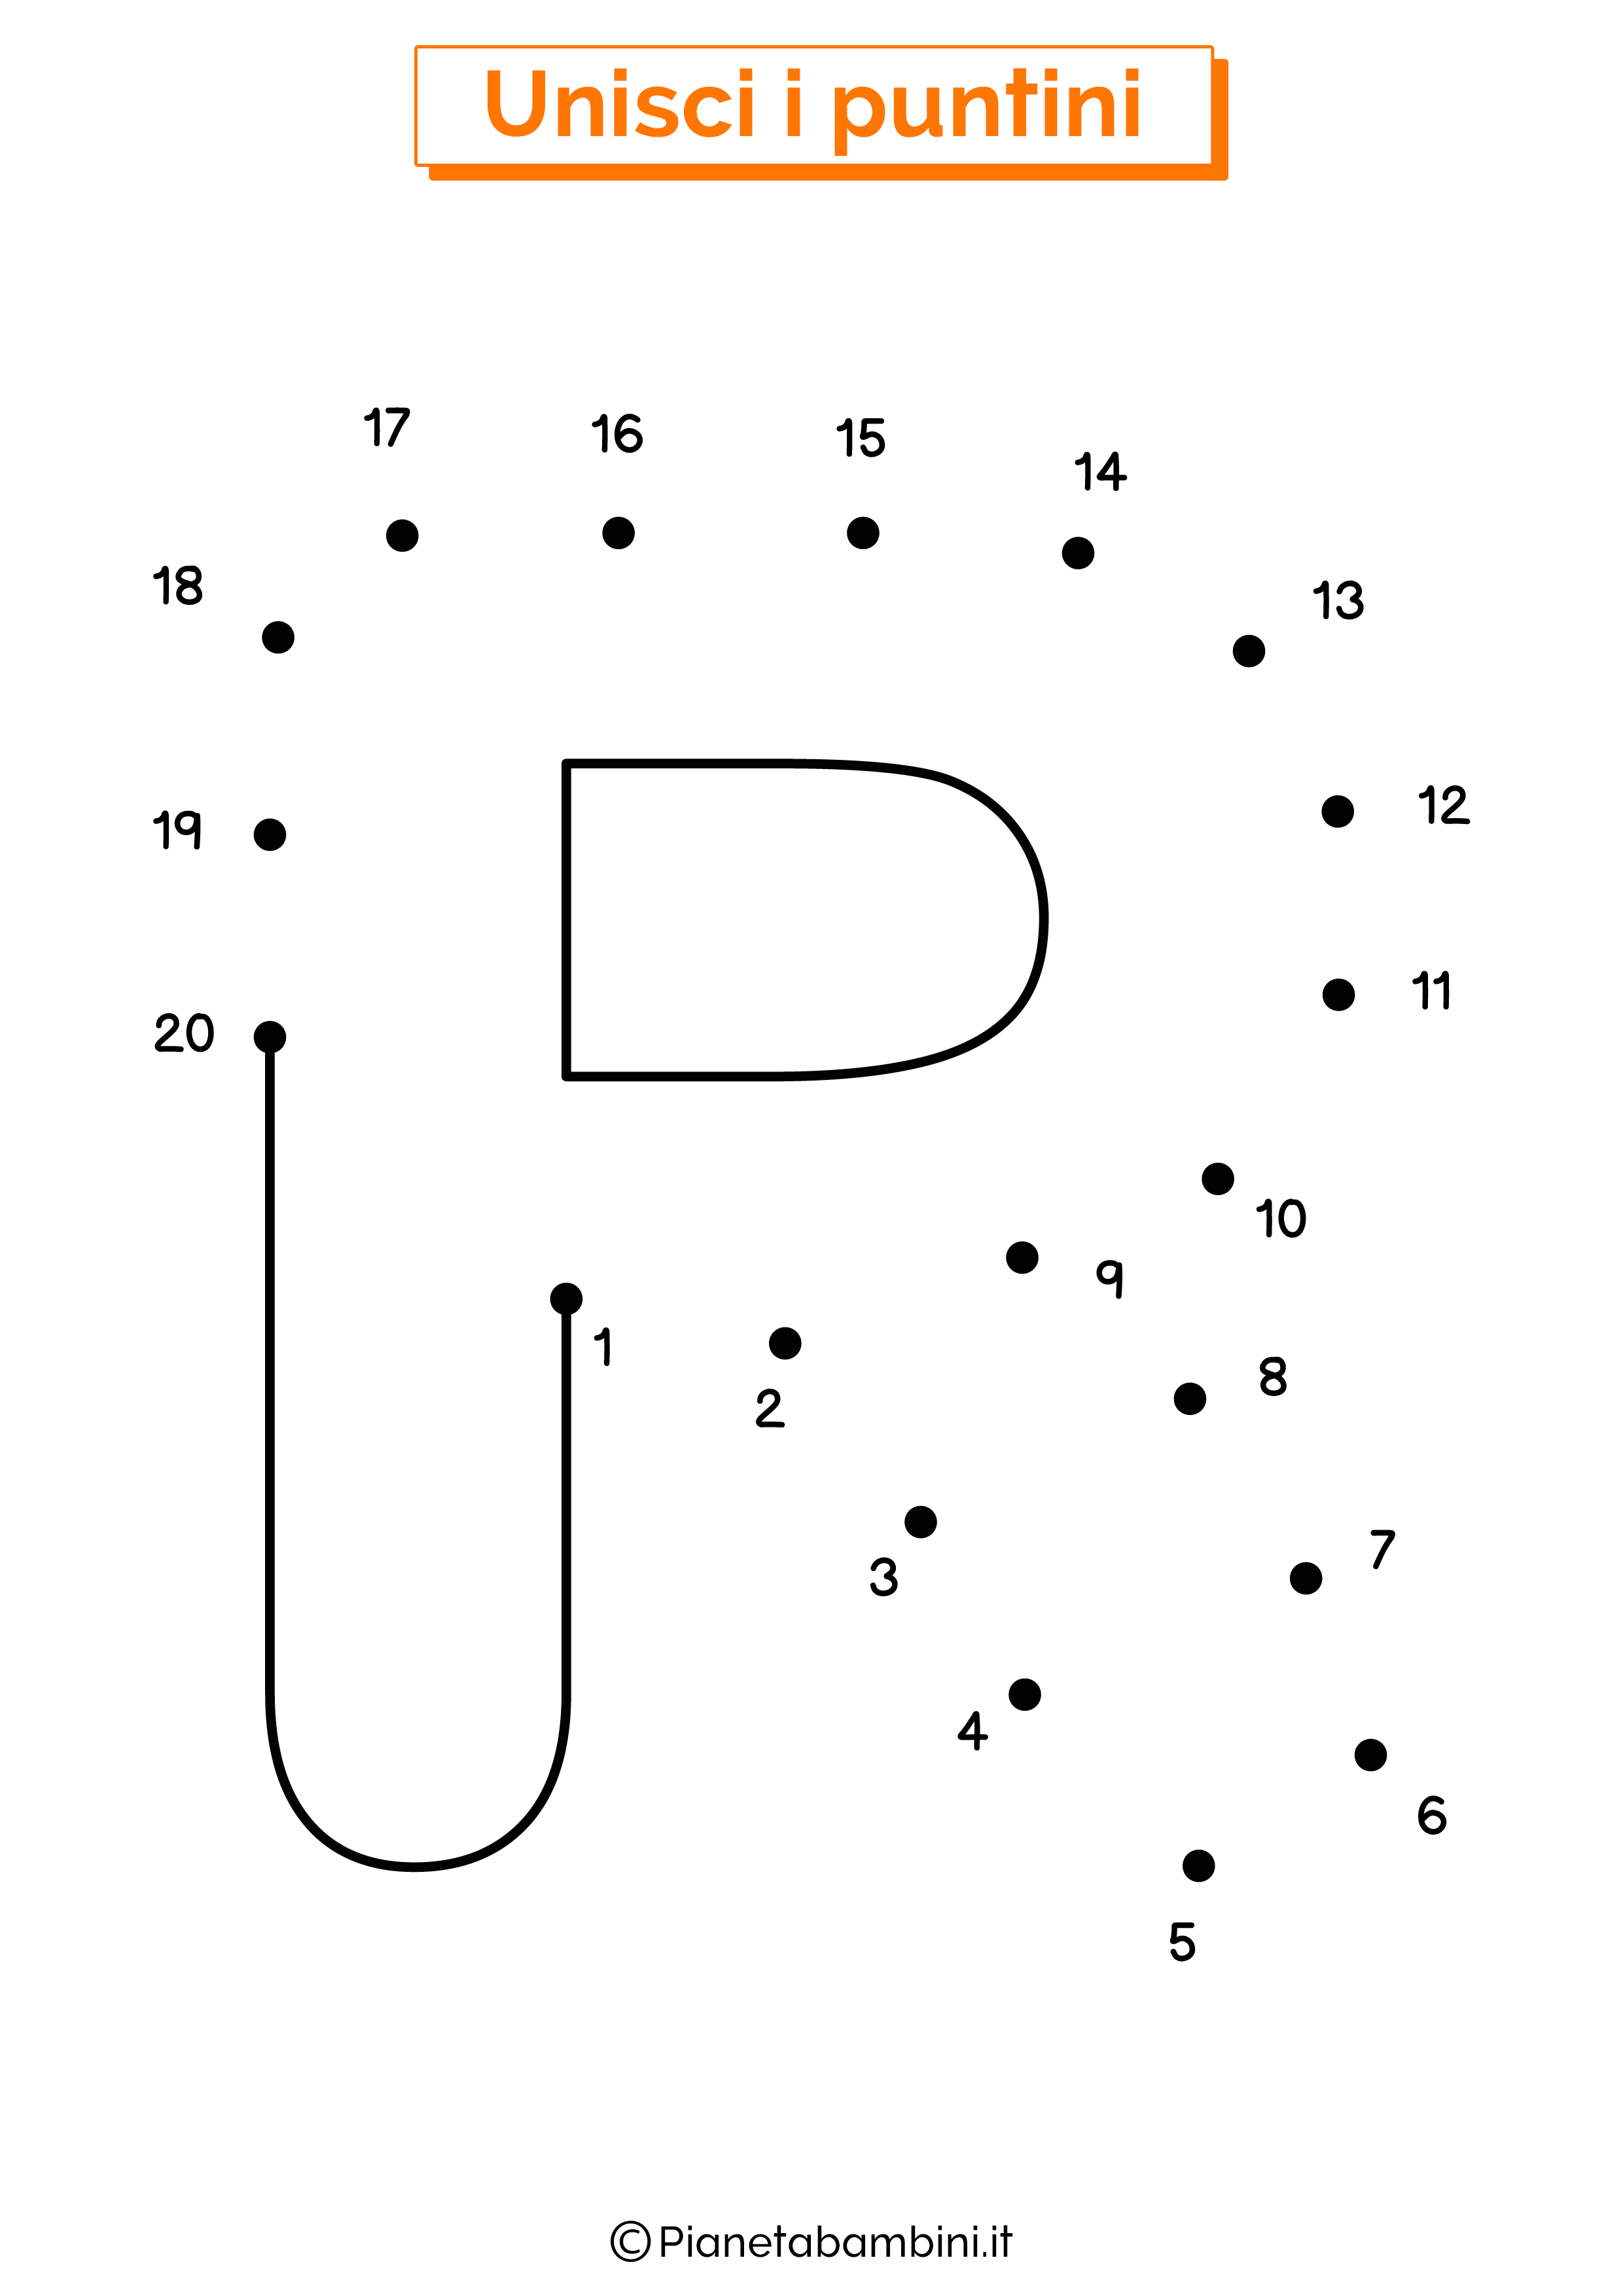 Unisci i puntini con la lettera R